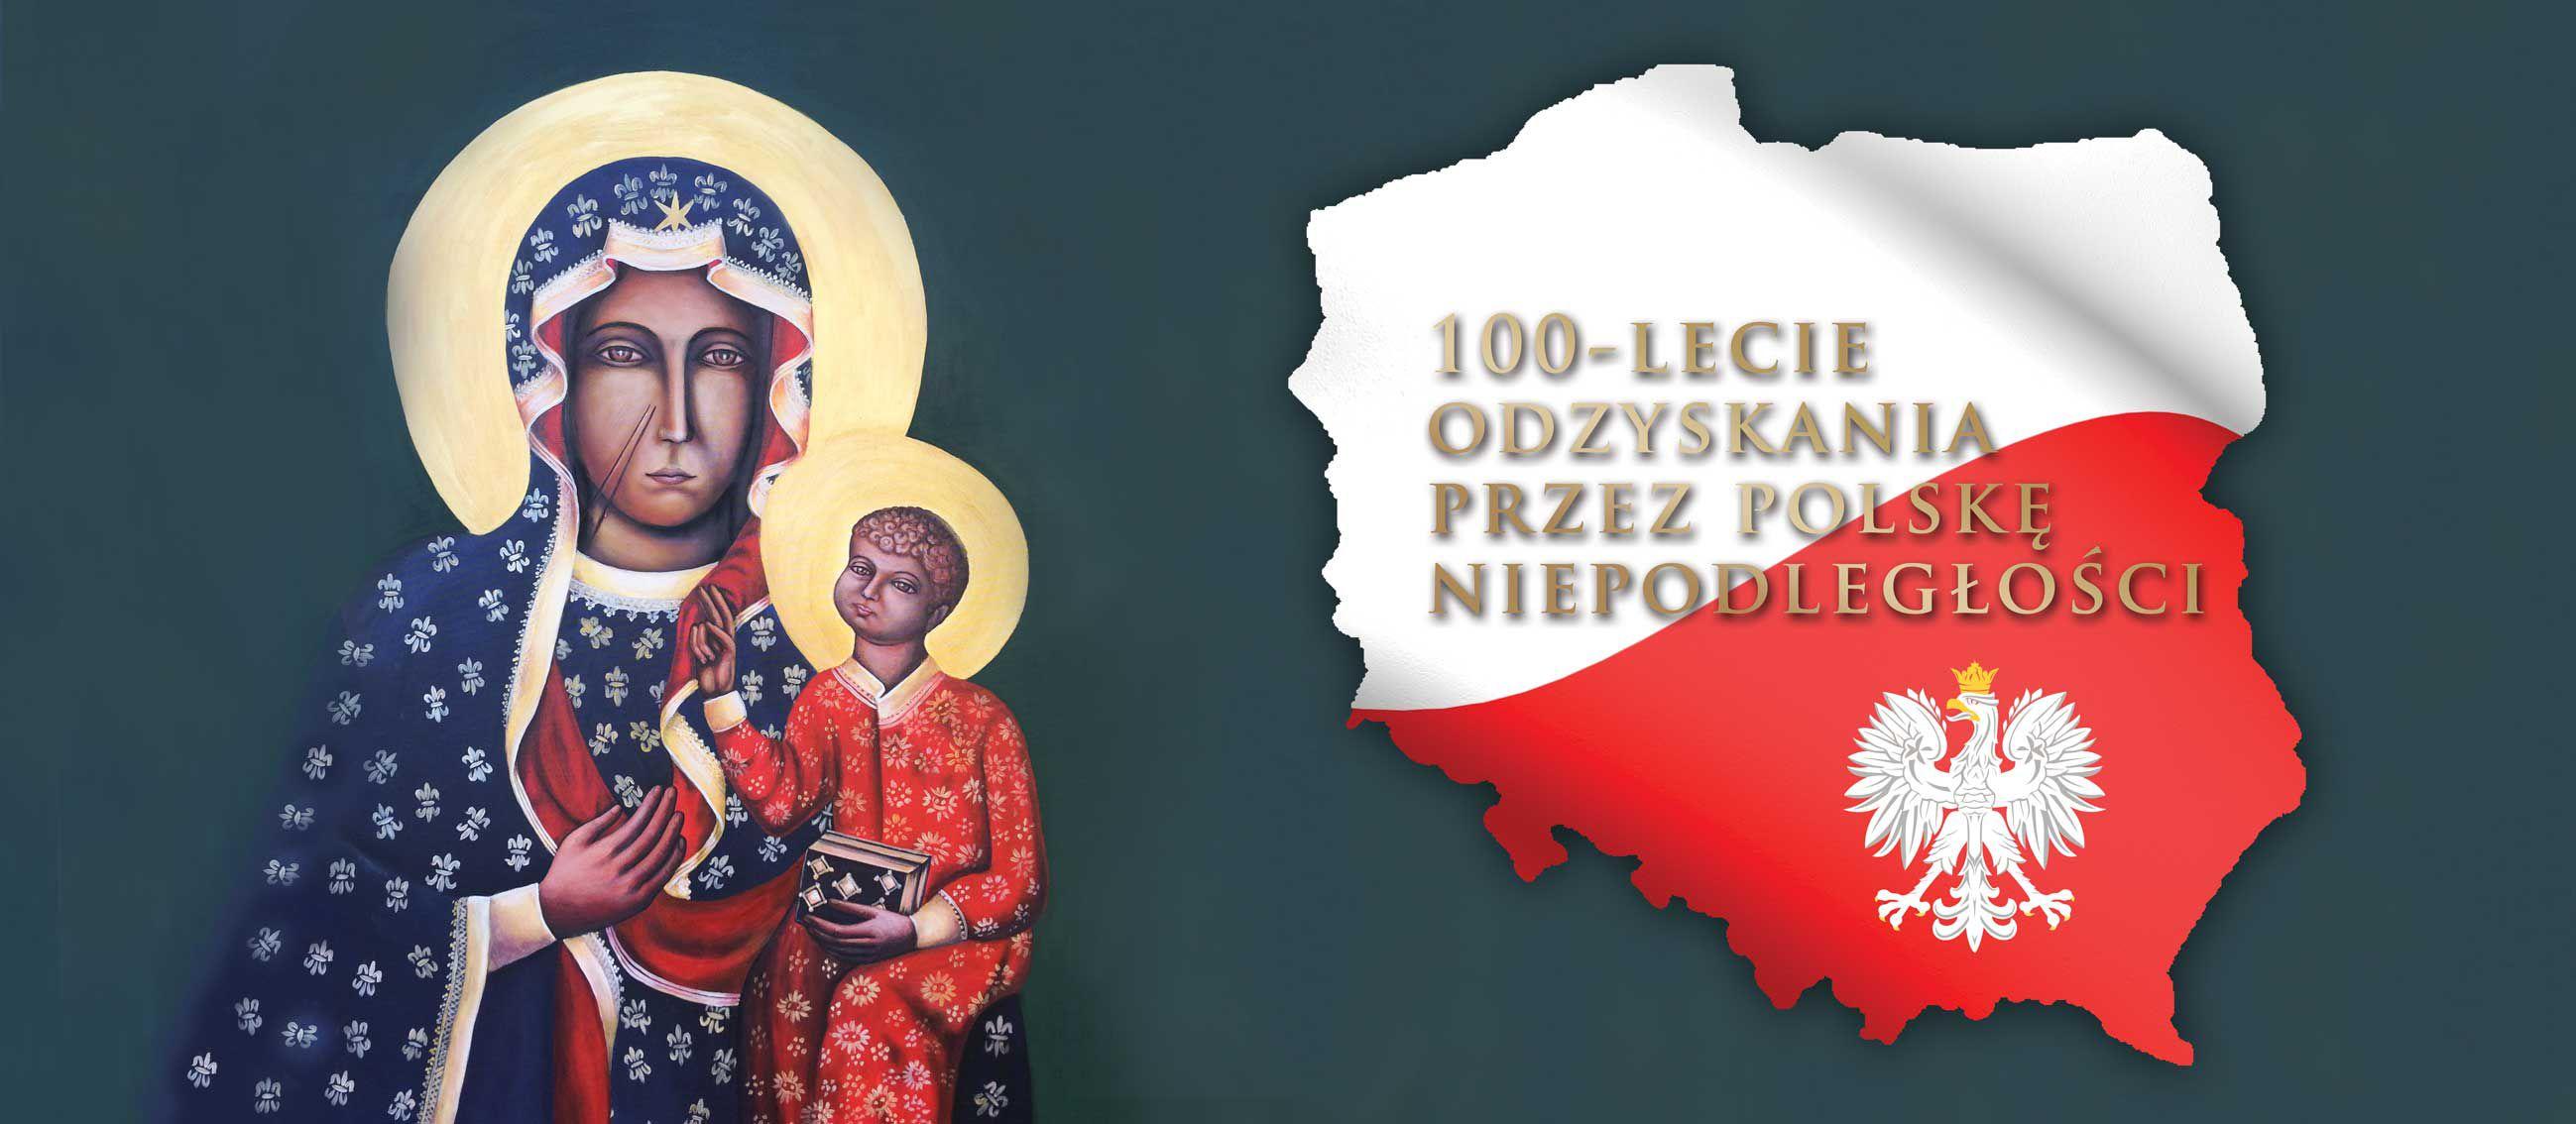 100-lecie odzyskania niepodleglosci - Baner religijny